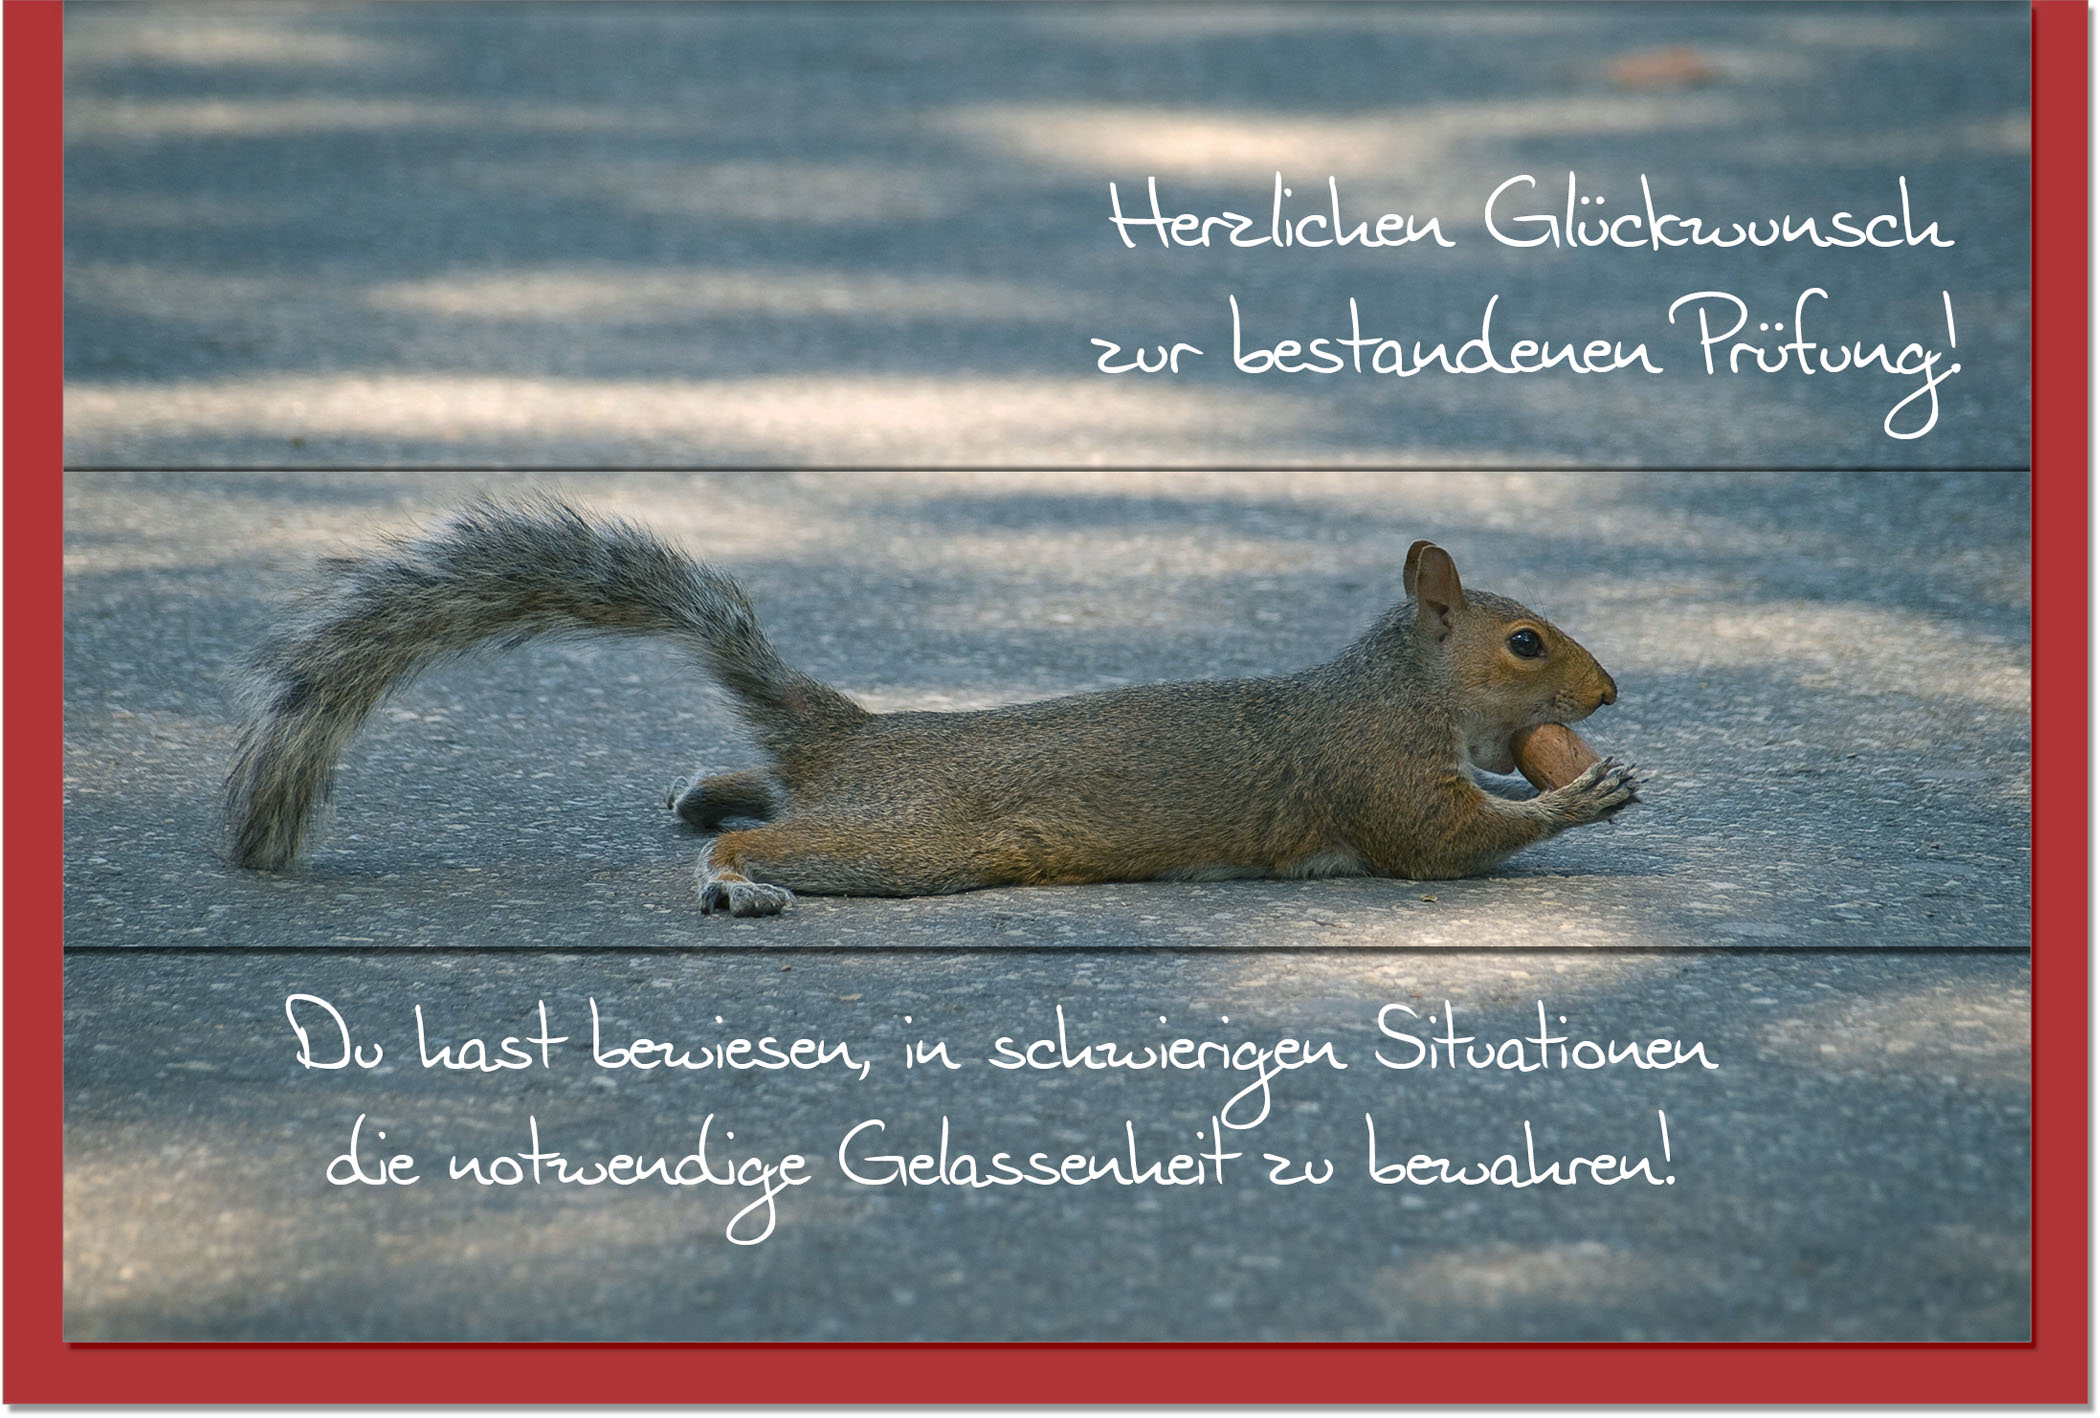 Prüfungskarten / Grußkarten /Prüfung Eichhörnchen